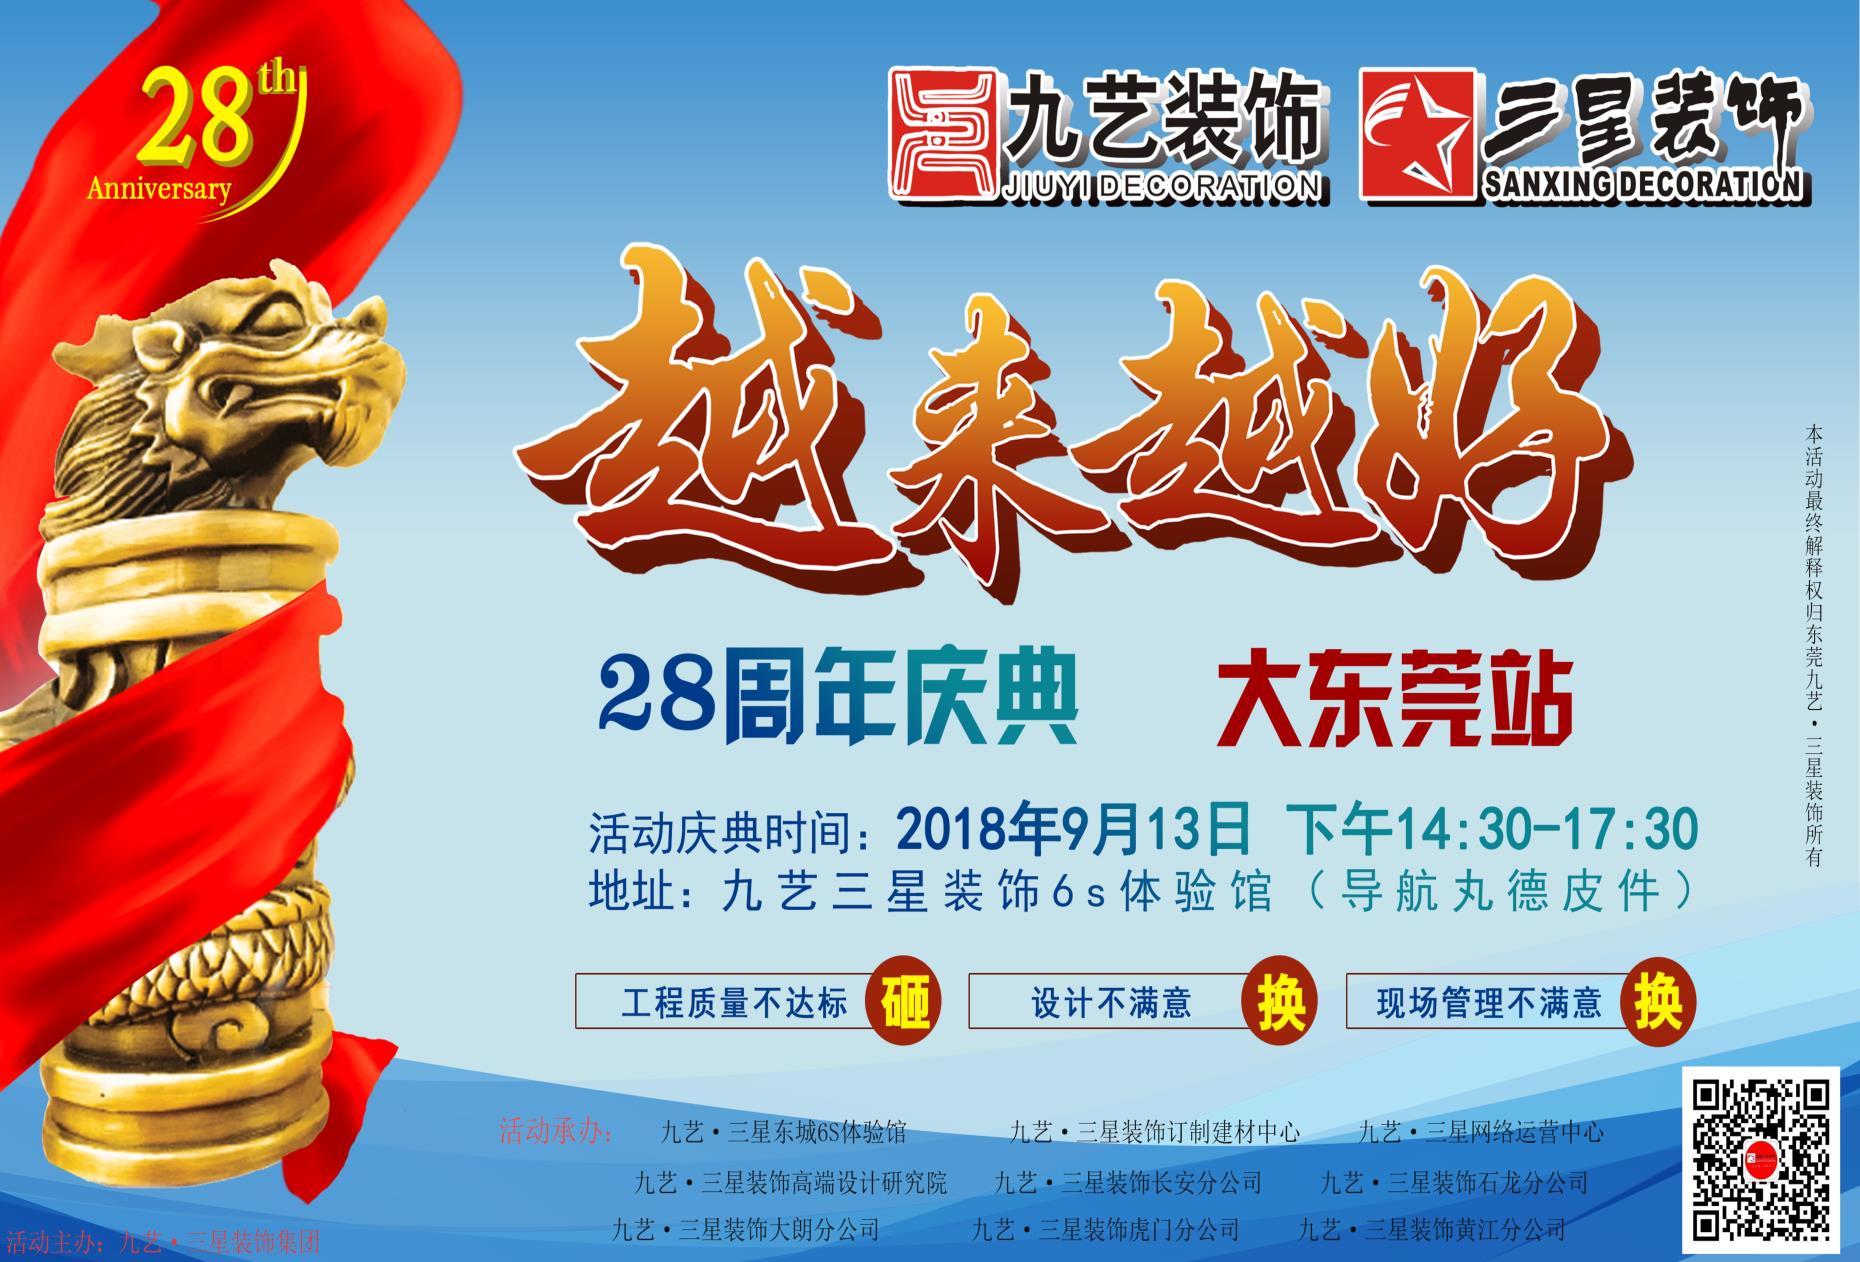 九艺三星28周年庆典活动